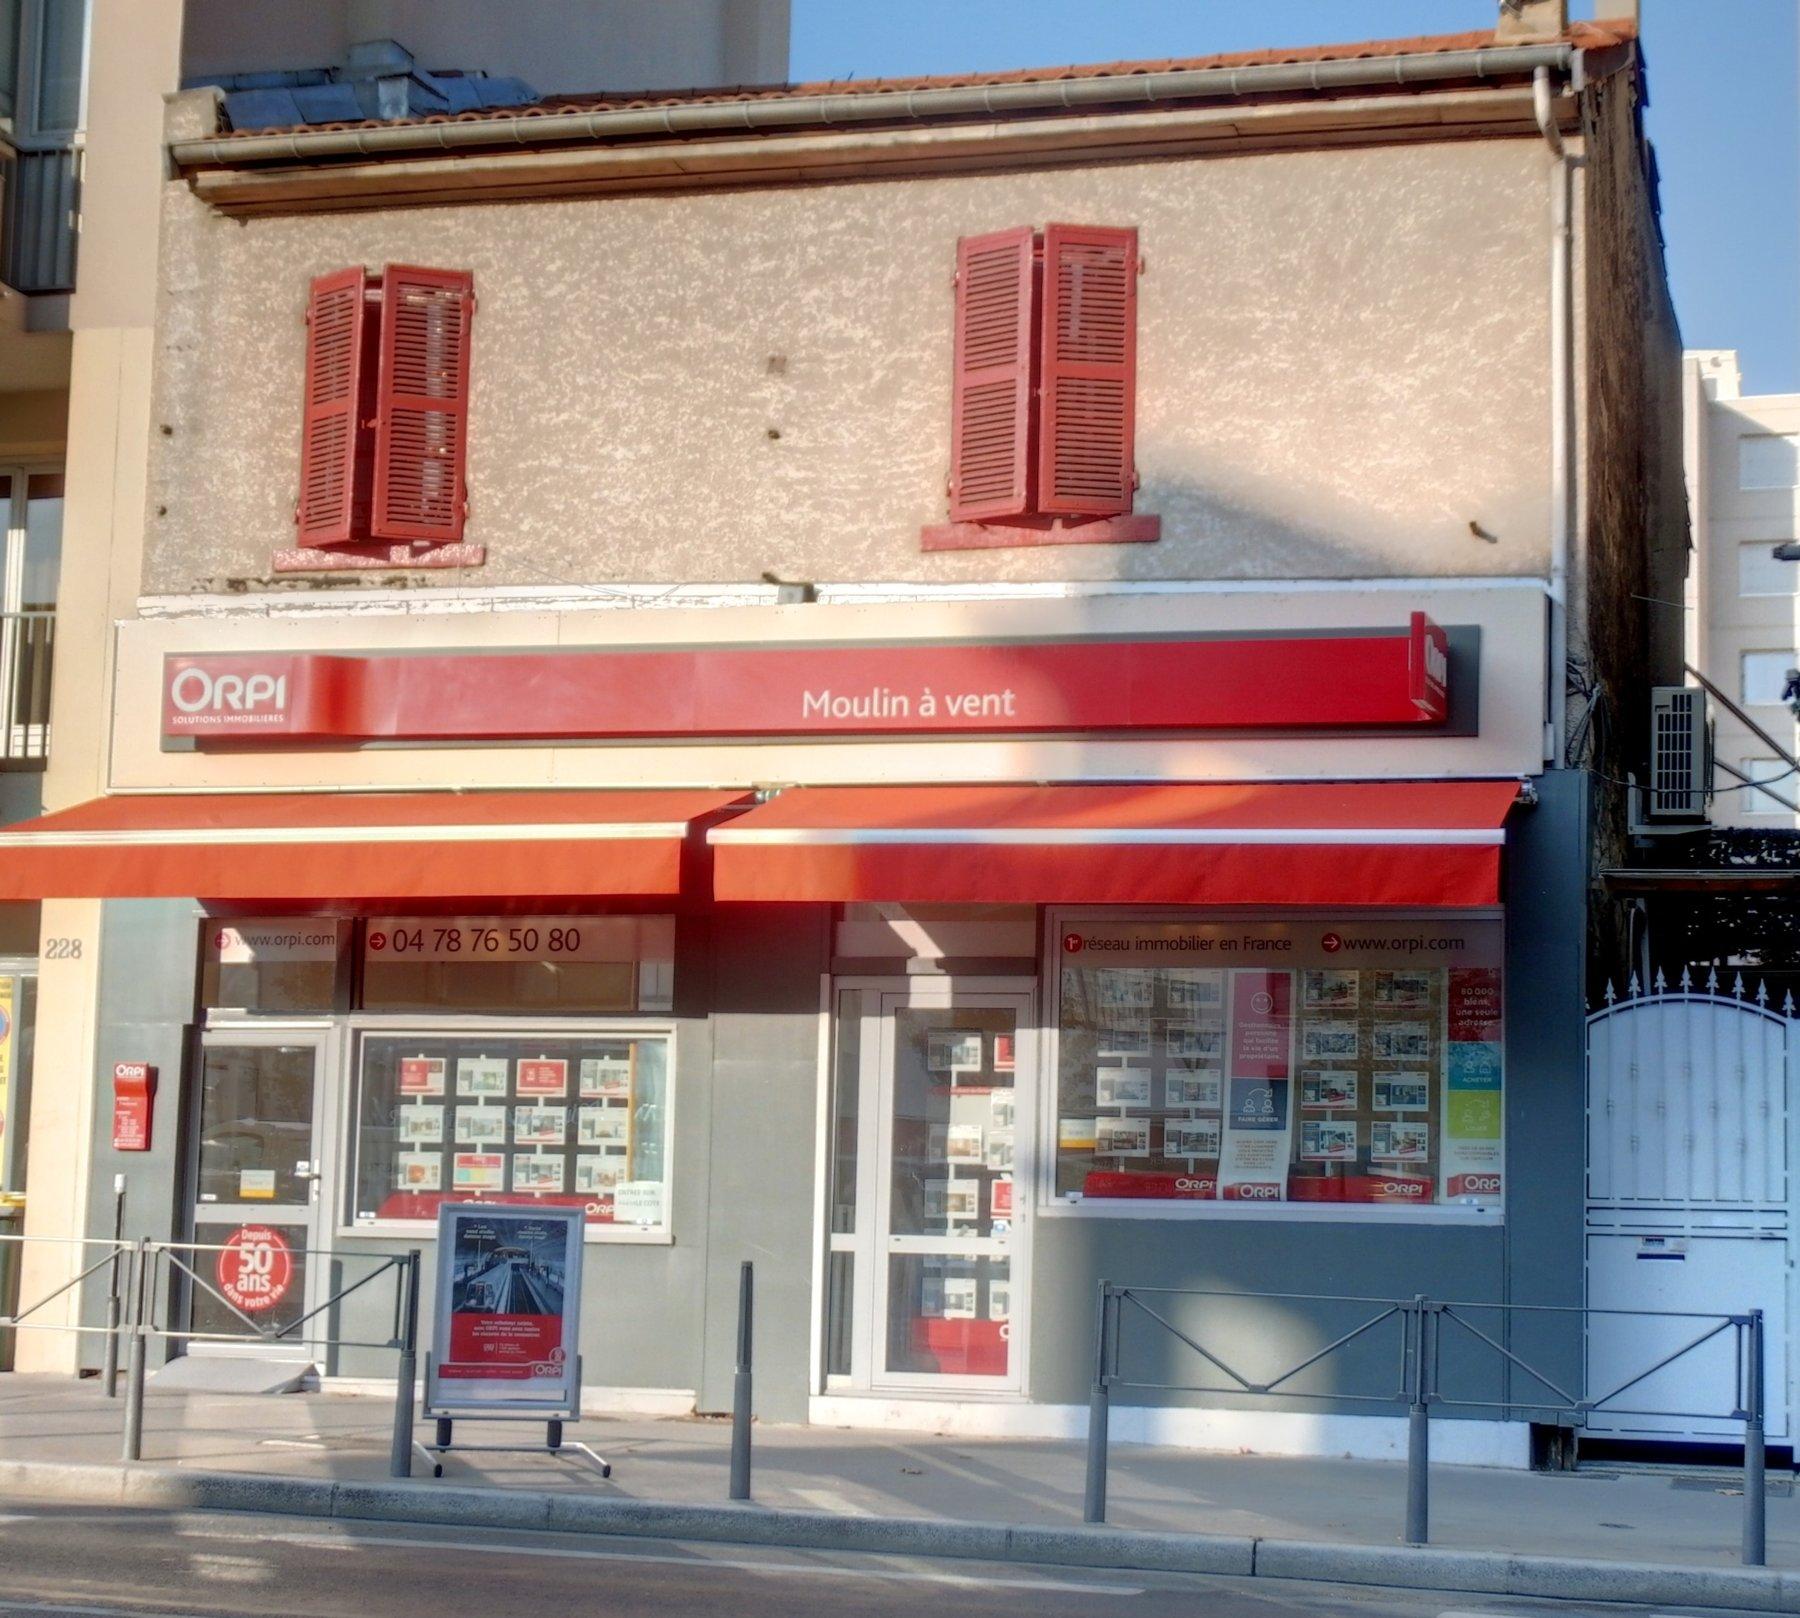 Prolongation Du Delai De Retractation De 7 A 14 Jours Moulin A